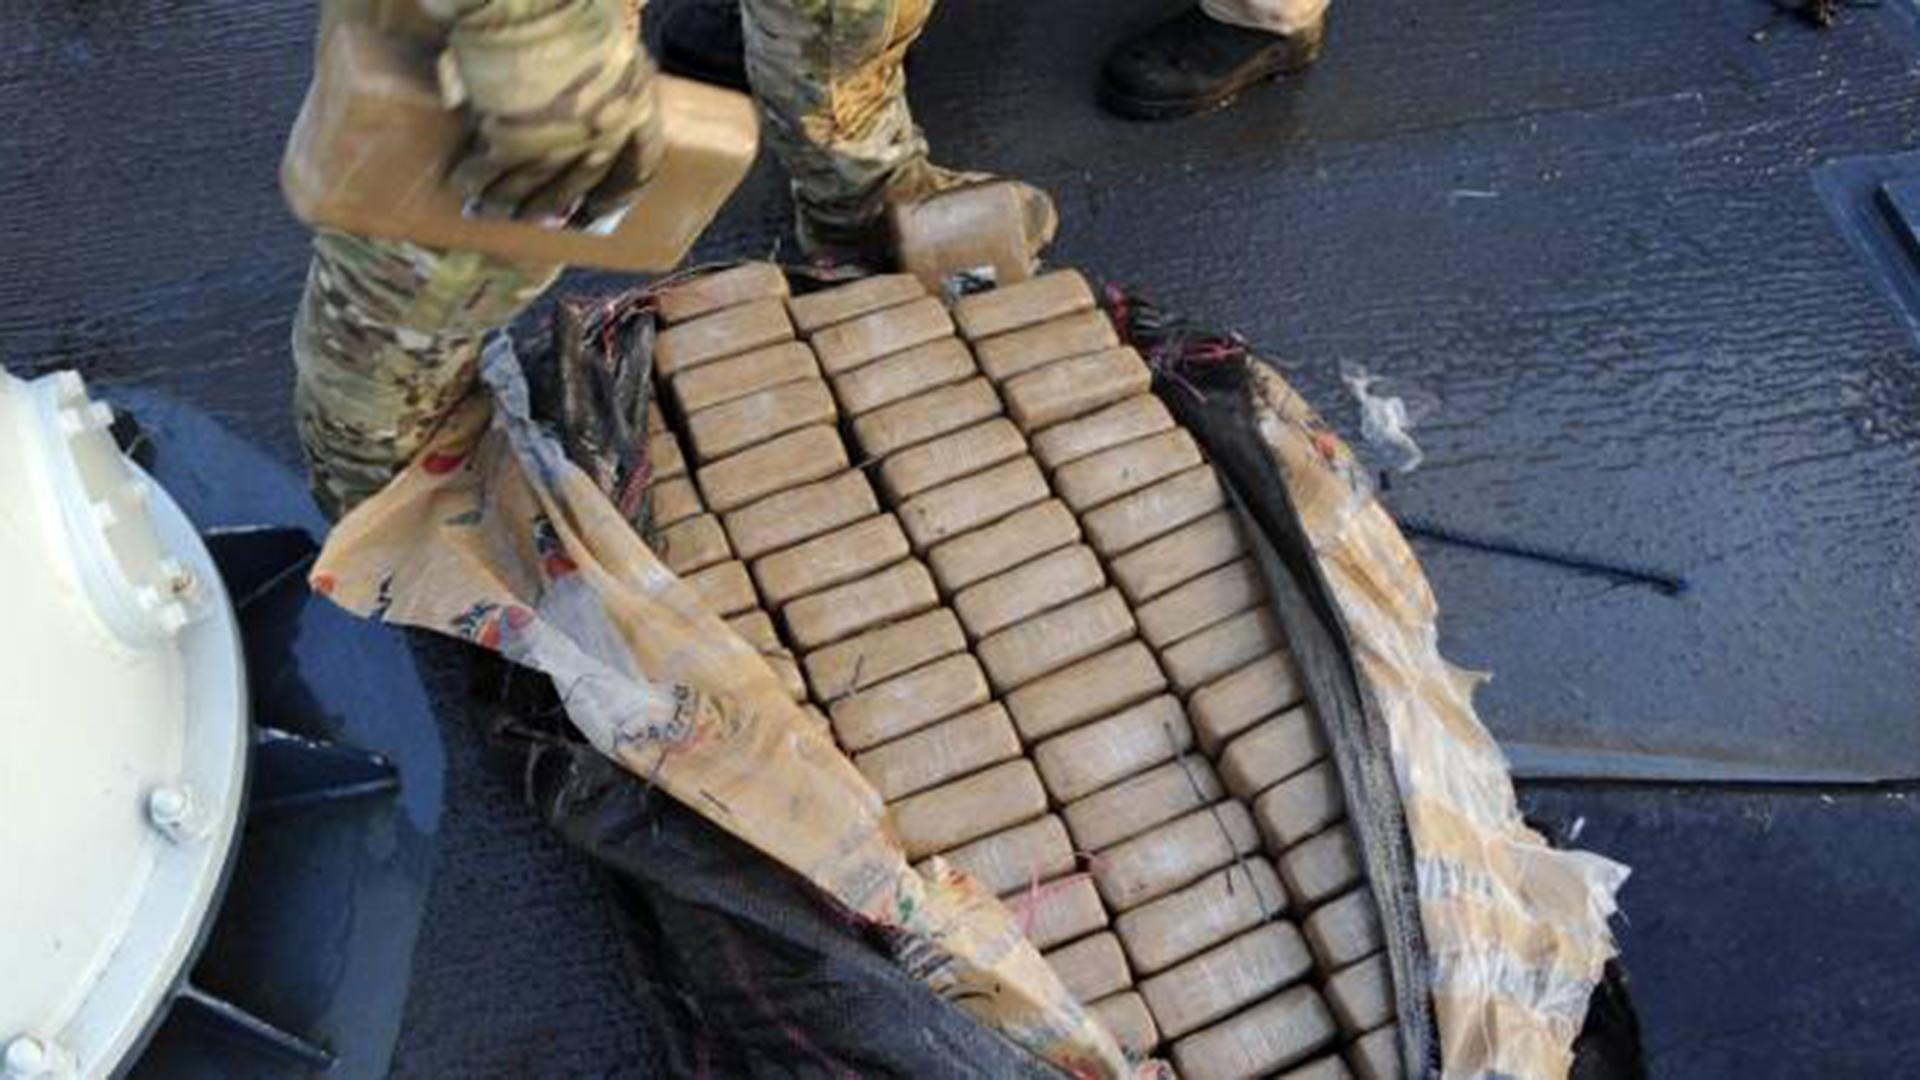 Estados Unidos decomisó 12 toneladas de drogas valoradas en 390 millones de  dólares - Infobae